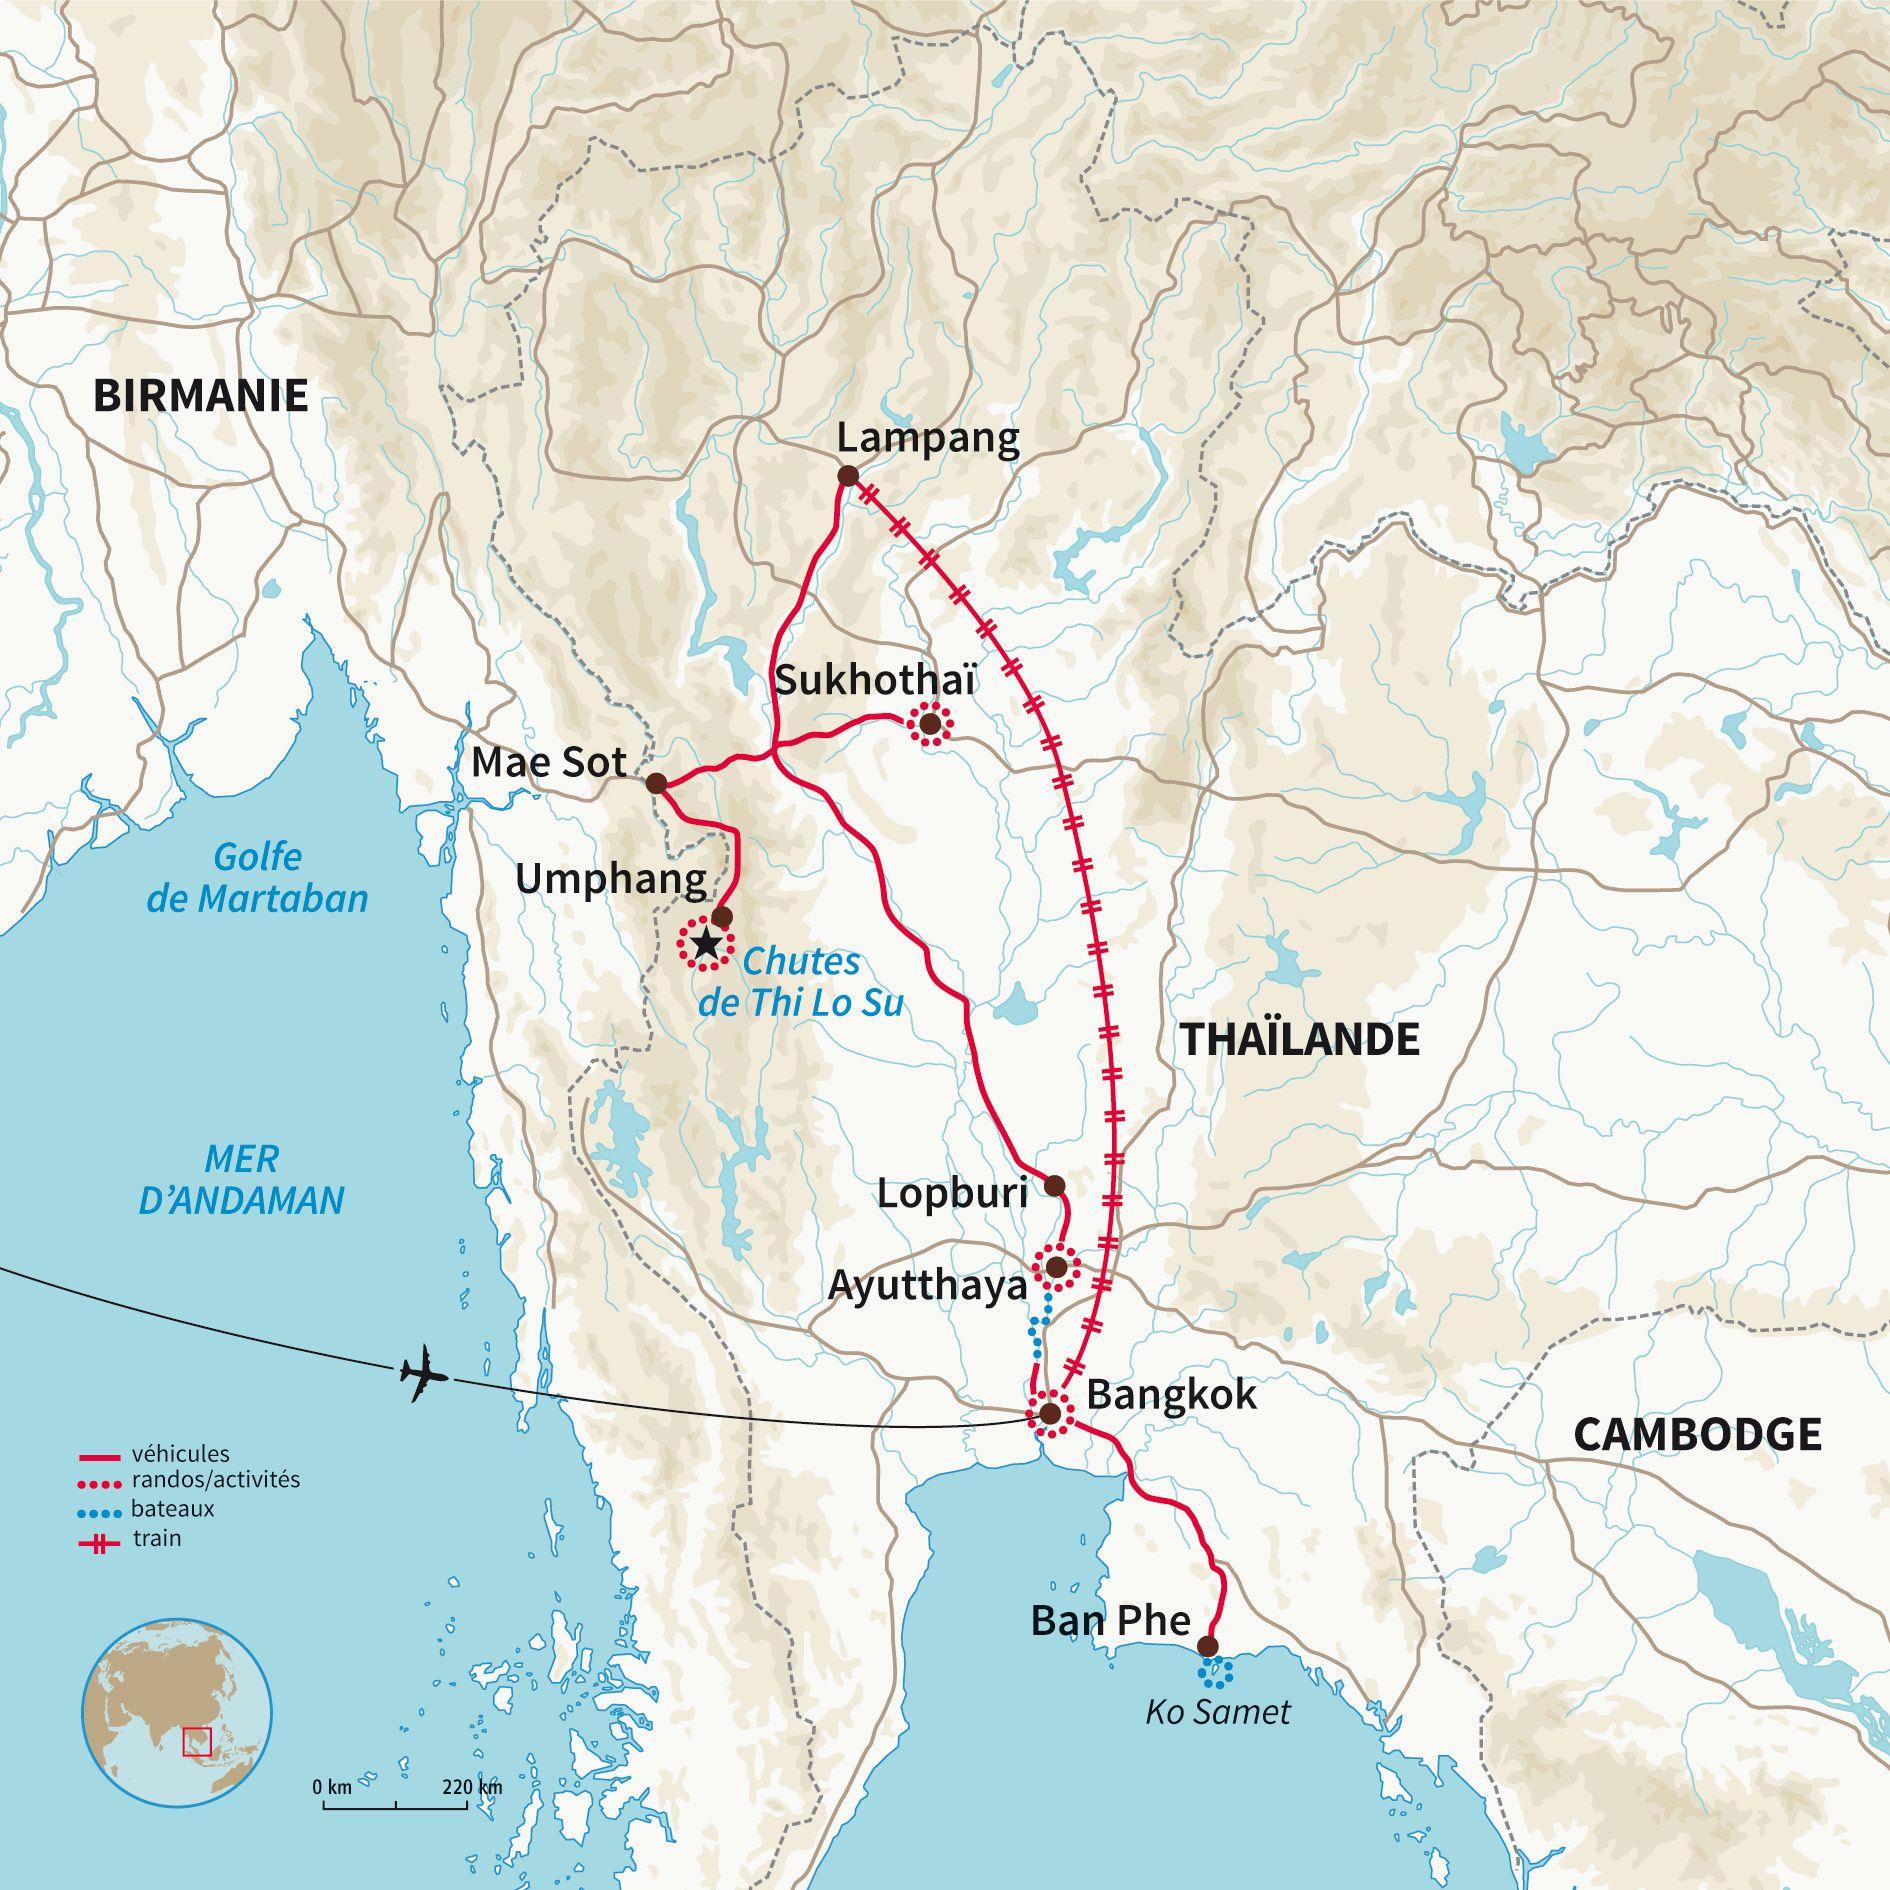 Carte Randonnee Thailande.Carte Thailande Trek Randonnee Aventure Thailande